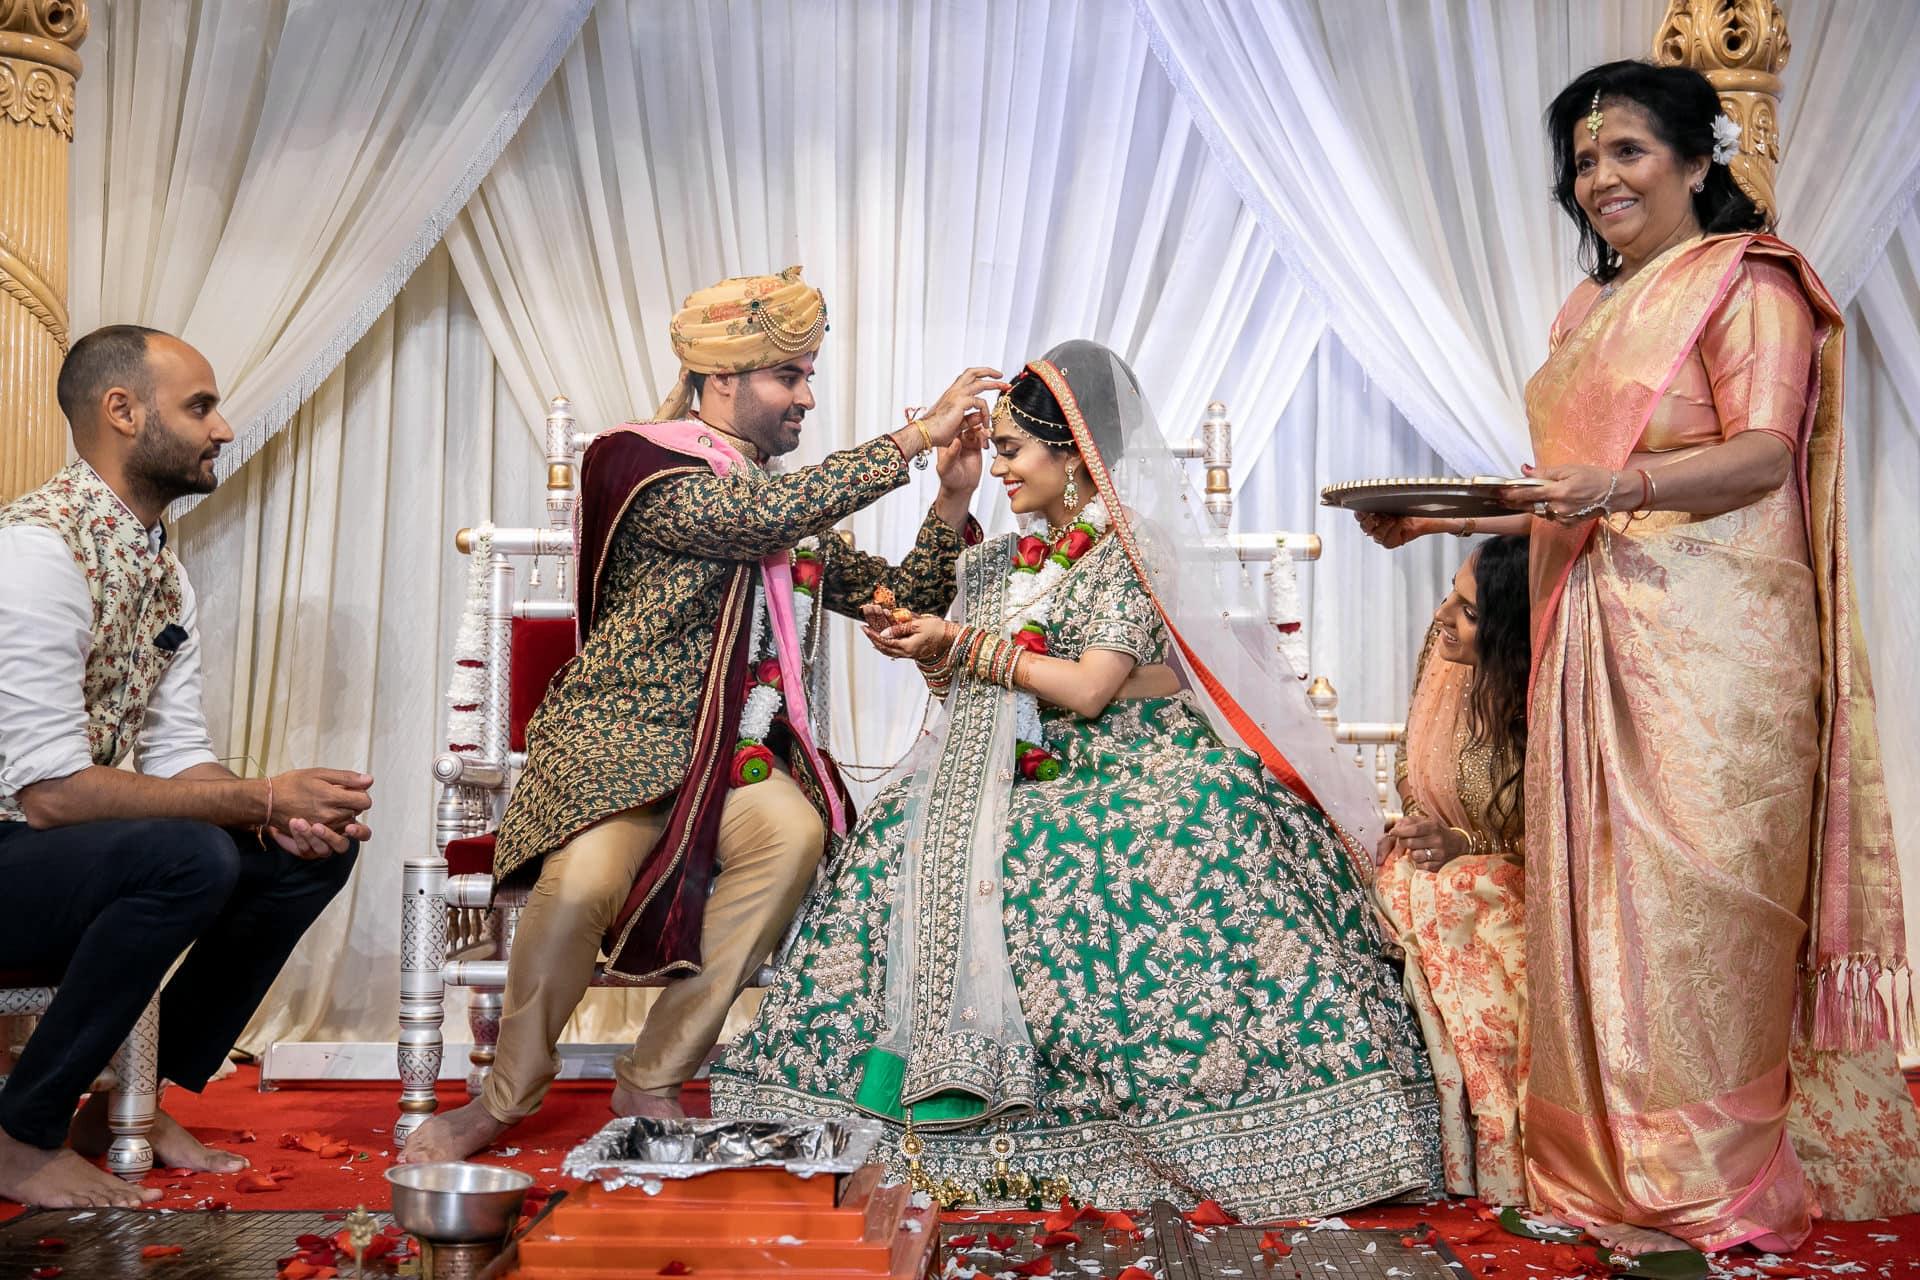 Sindoor ceremony during Asian wedding